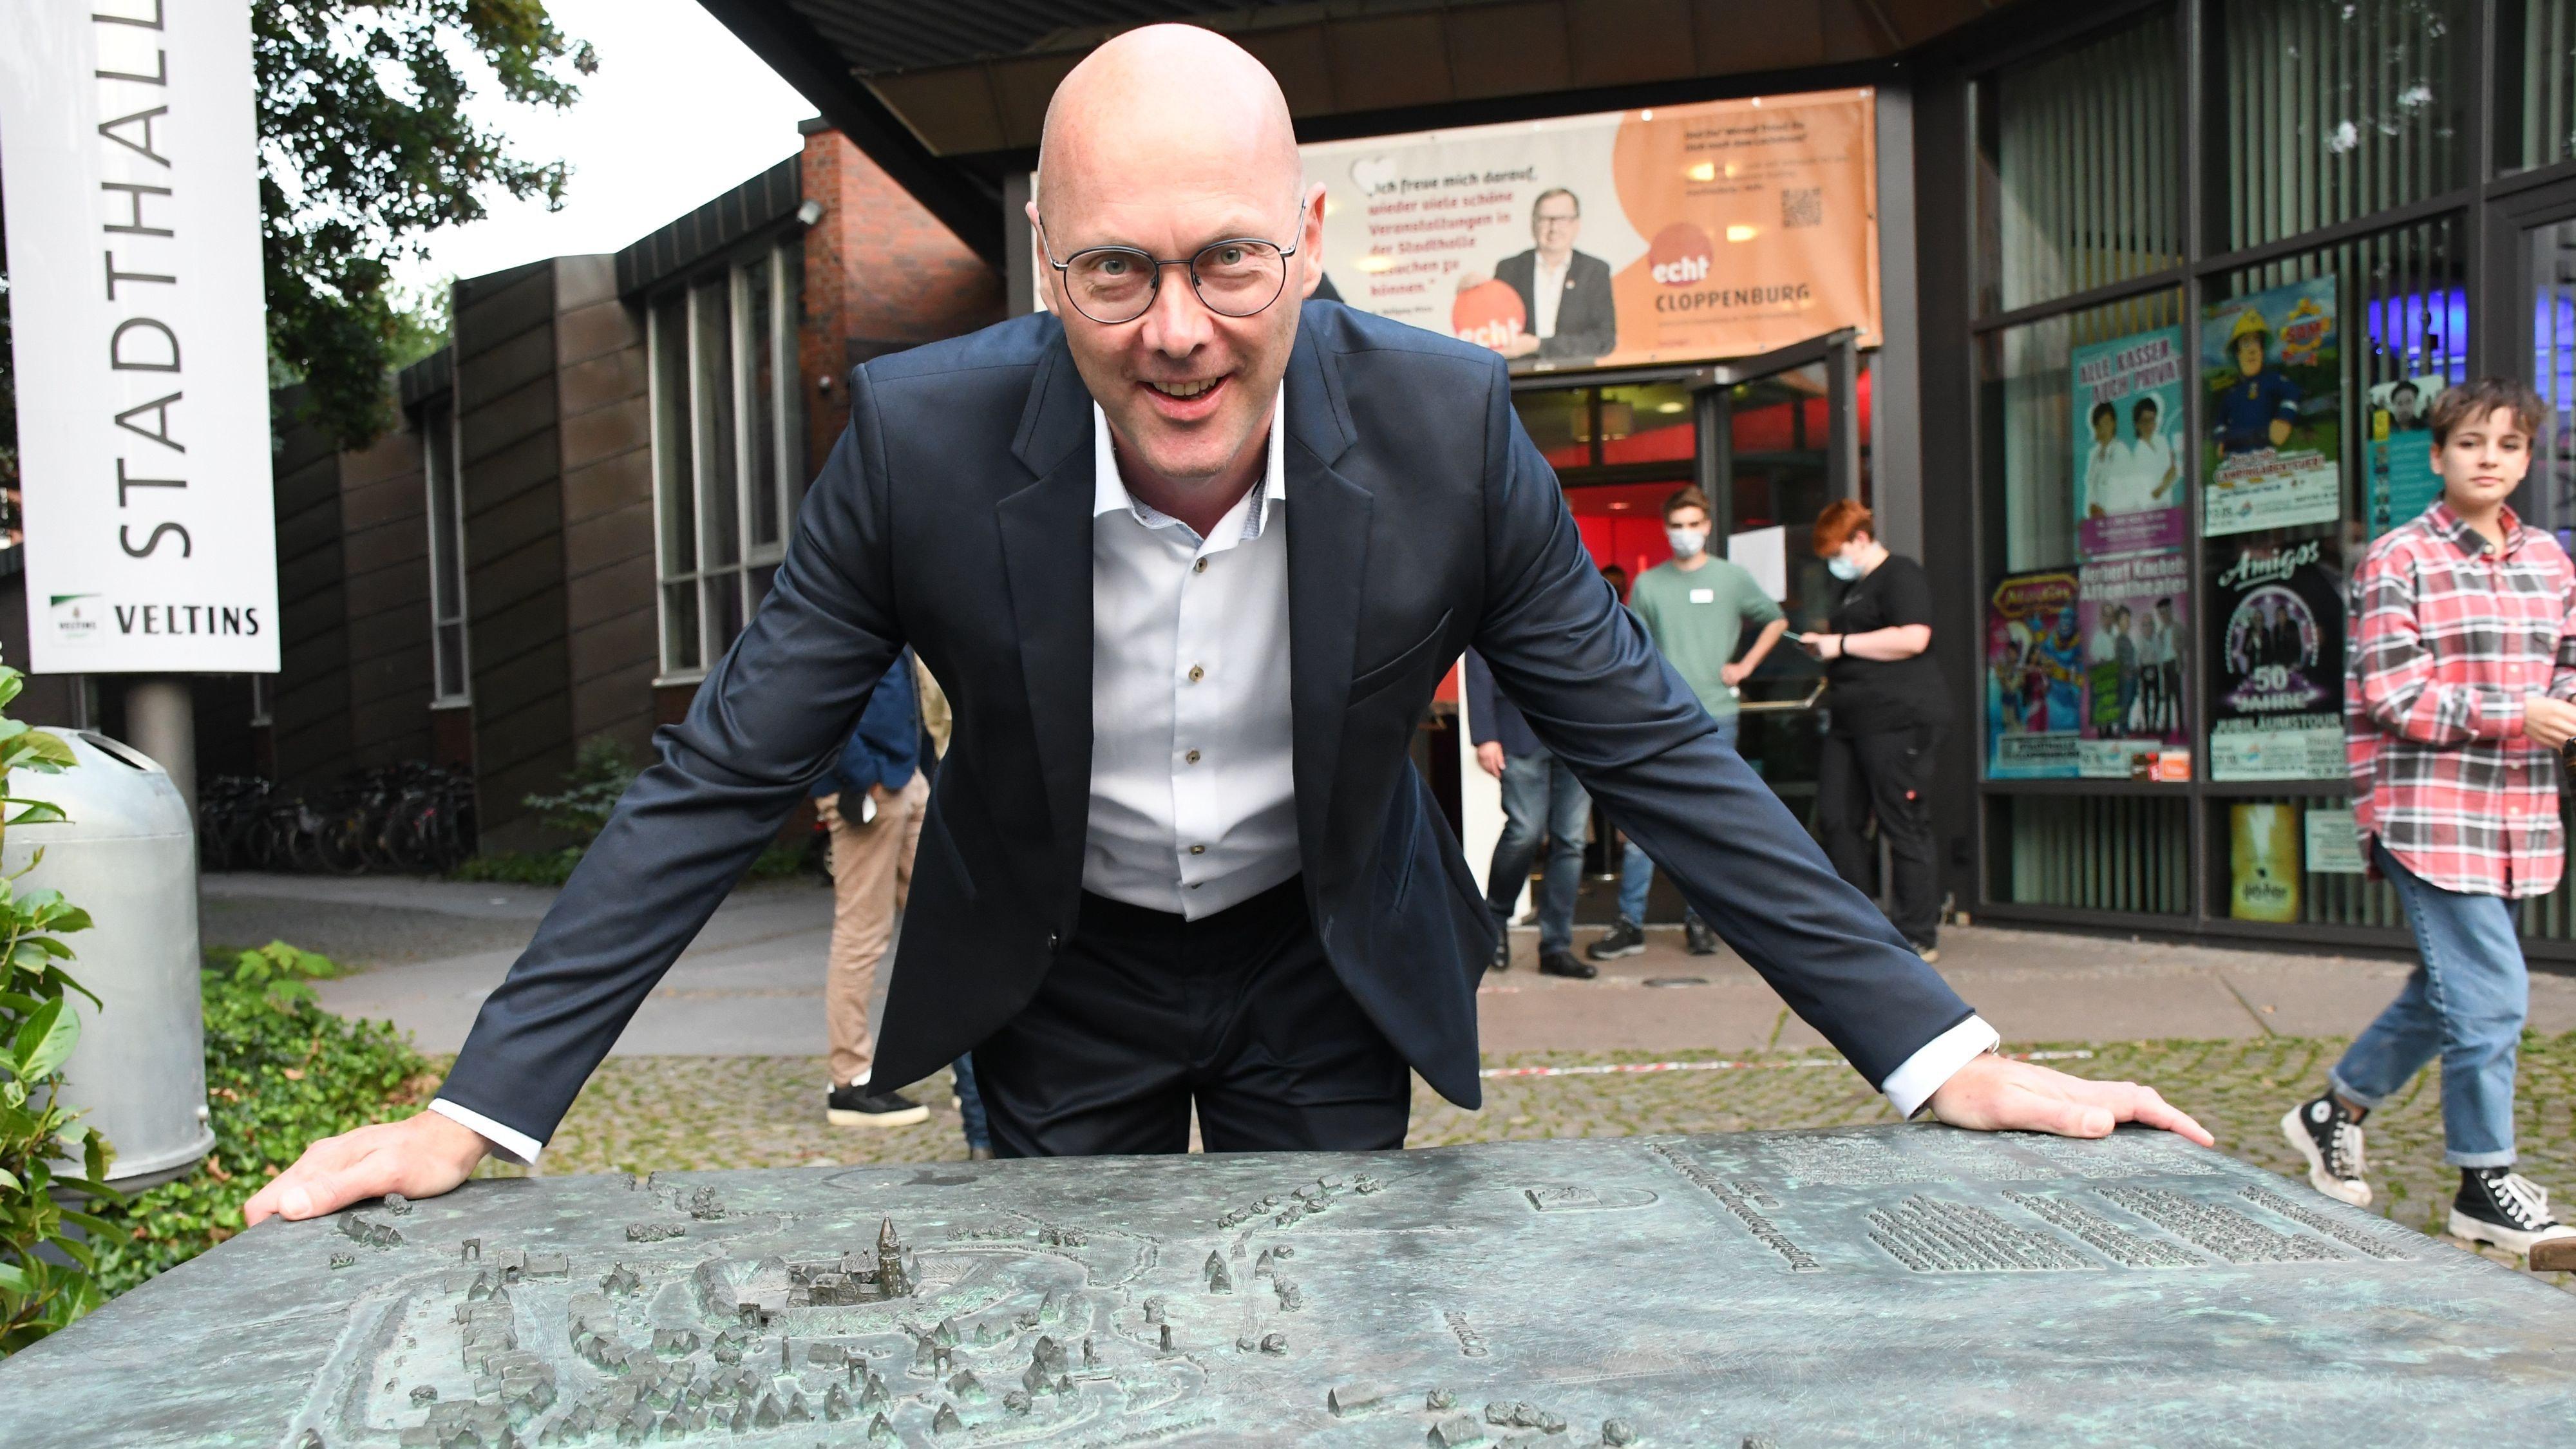 Der Gewinner: Neidhard Varnhorn (CDU) umfasst das Relief der Stadt, die er jetzt mitregiert. Foto: Kreke